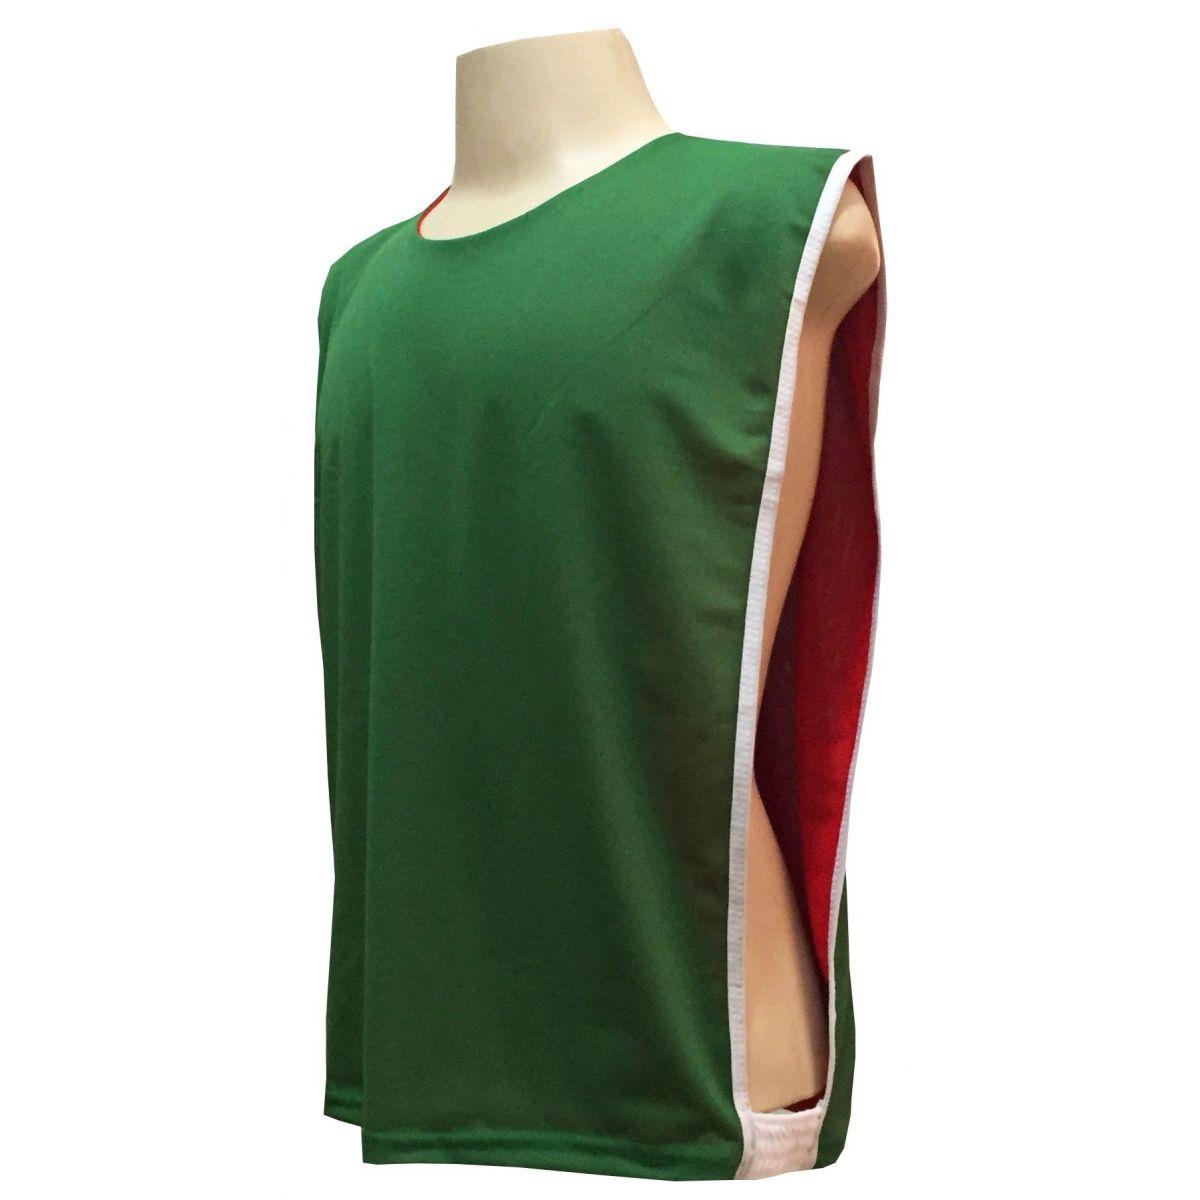 098130ad5adde ... Jogo de Coletes Dupla Face 10 Unidades na cor Verde Vermelho - Rocha  Esportes Uniformes ...